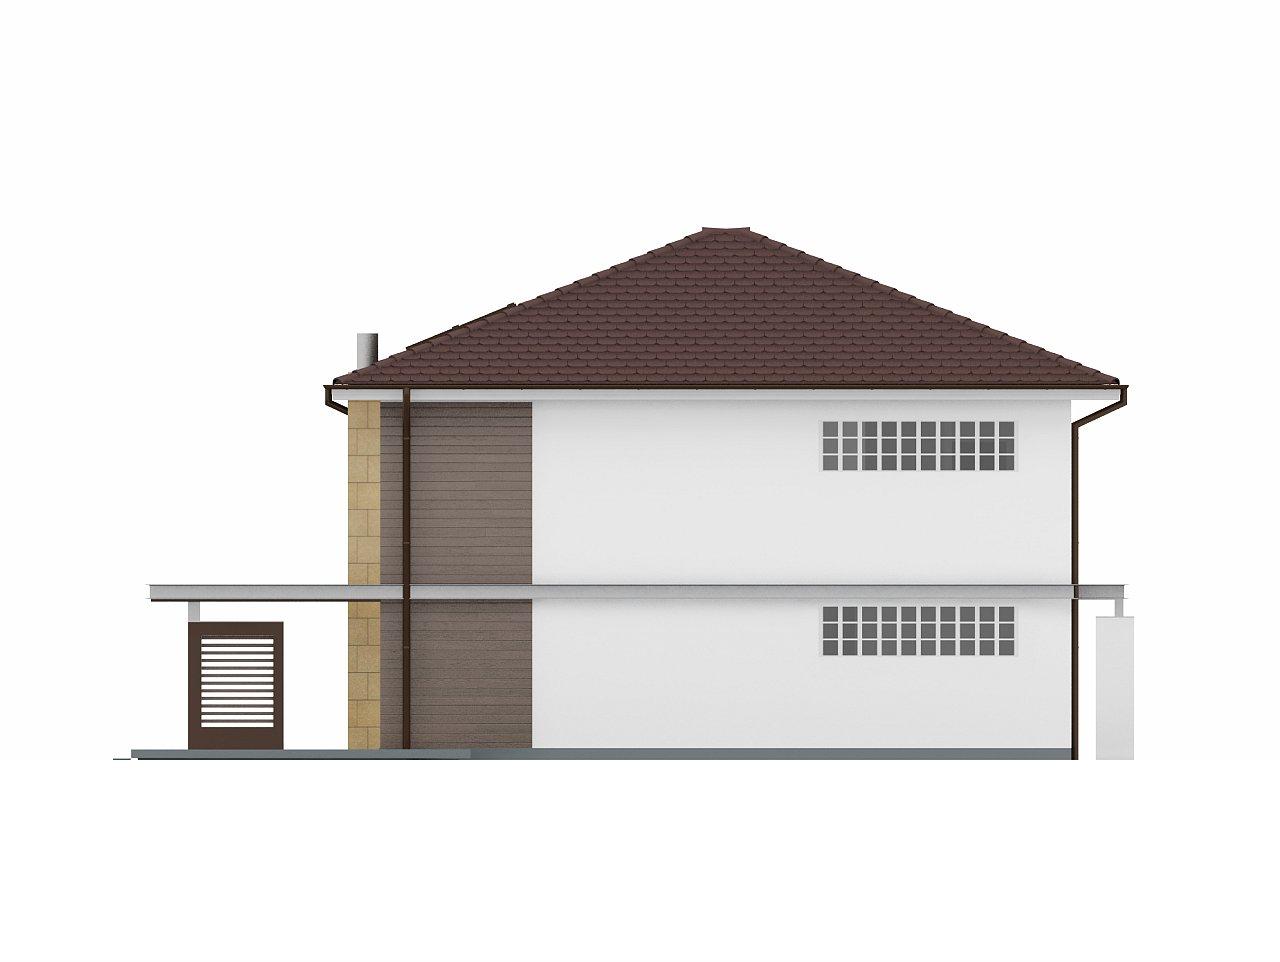 Двухэтажный дом простой формы со вторым светом над гостиной и встроенным гаражом. - фото 4